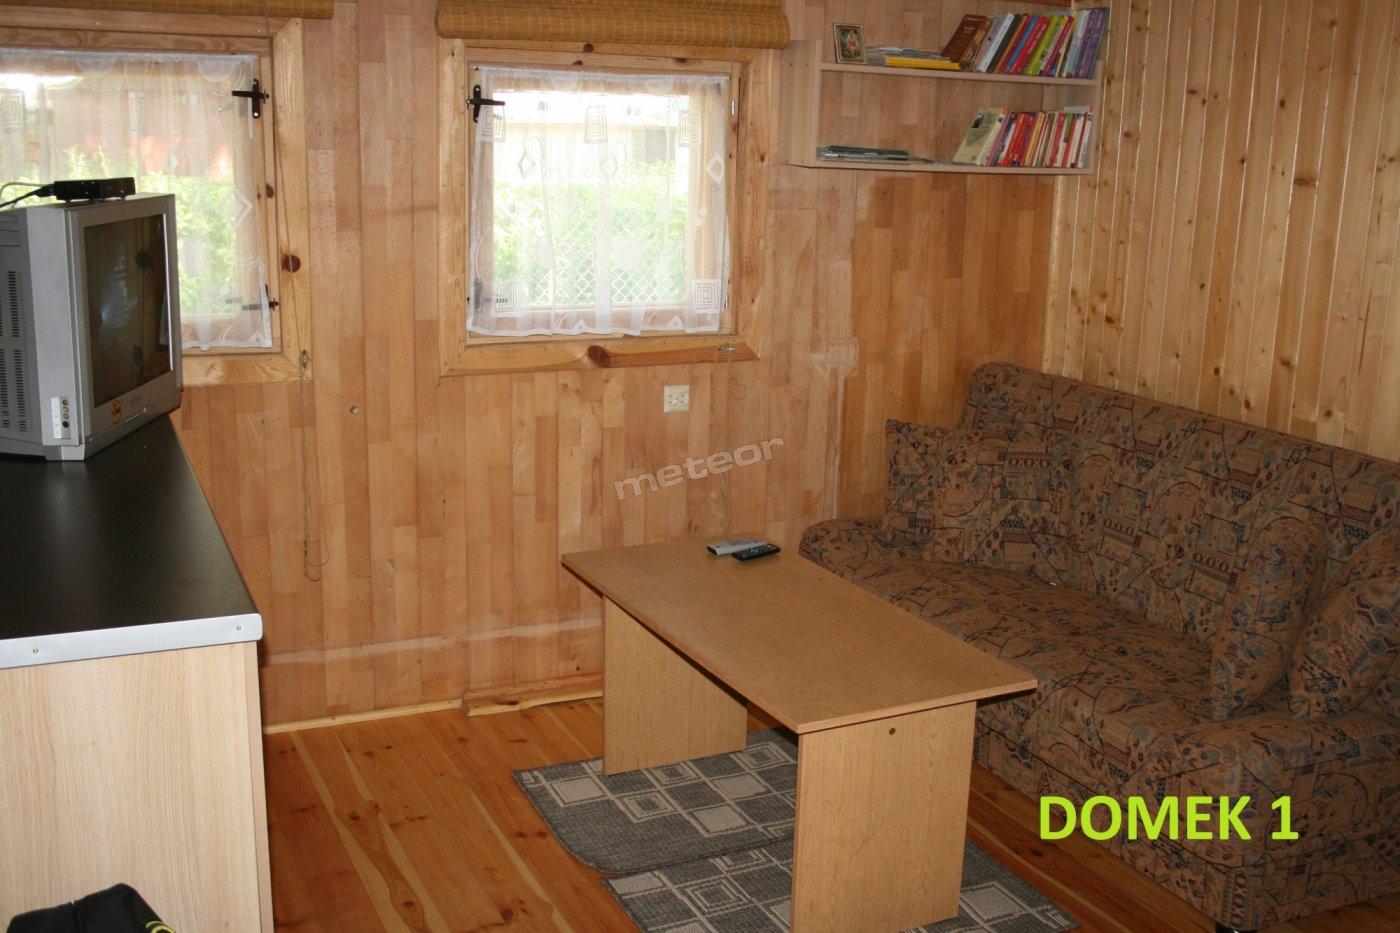 Domek 1 - Pokój dzienny - 2 wersalki, przestronna komoda i tv